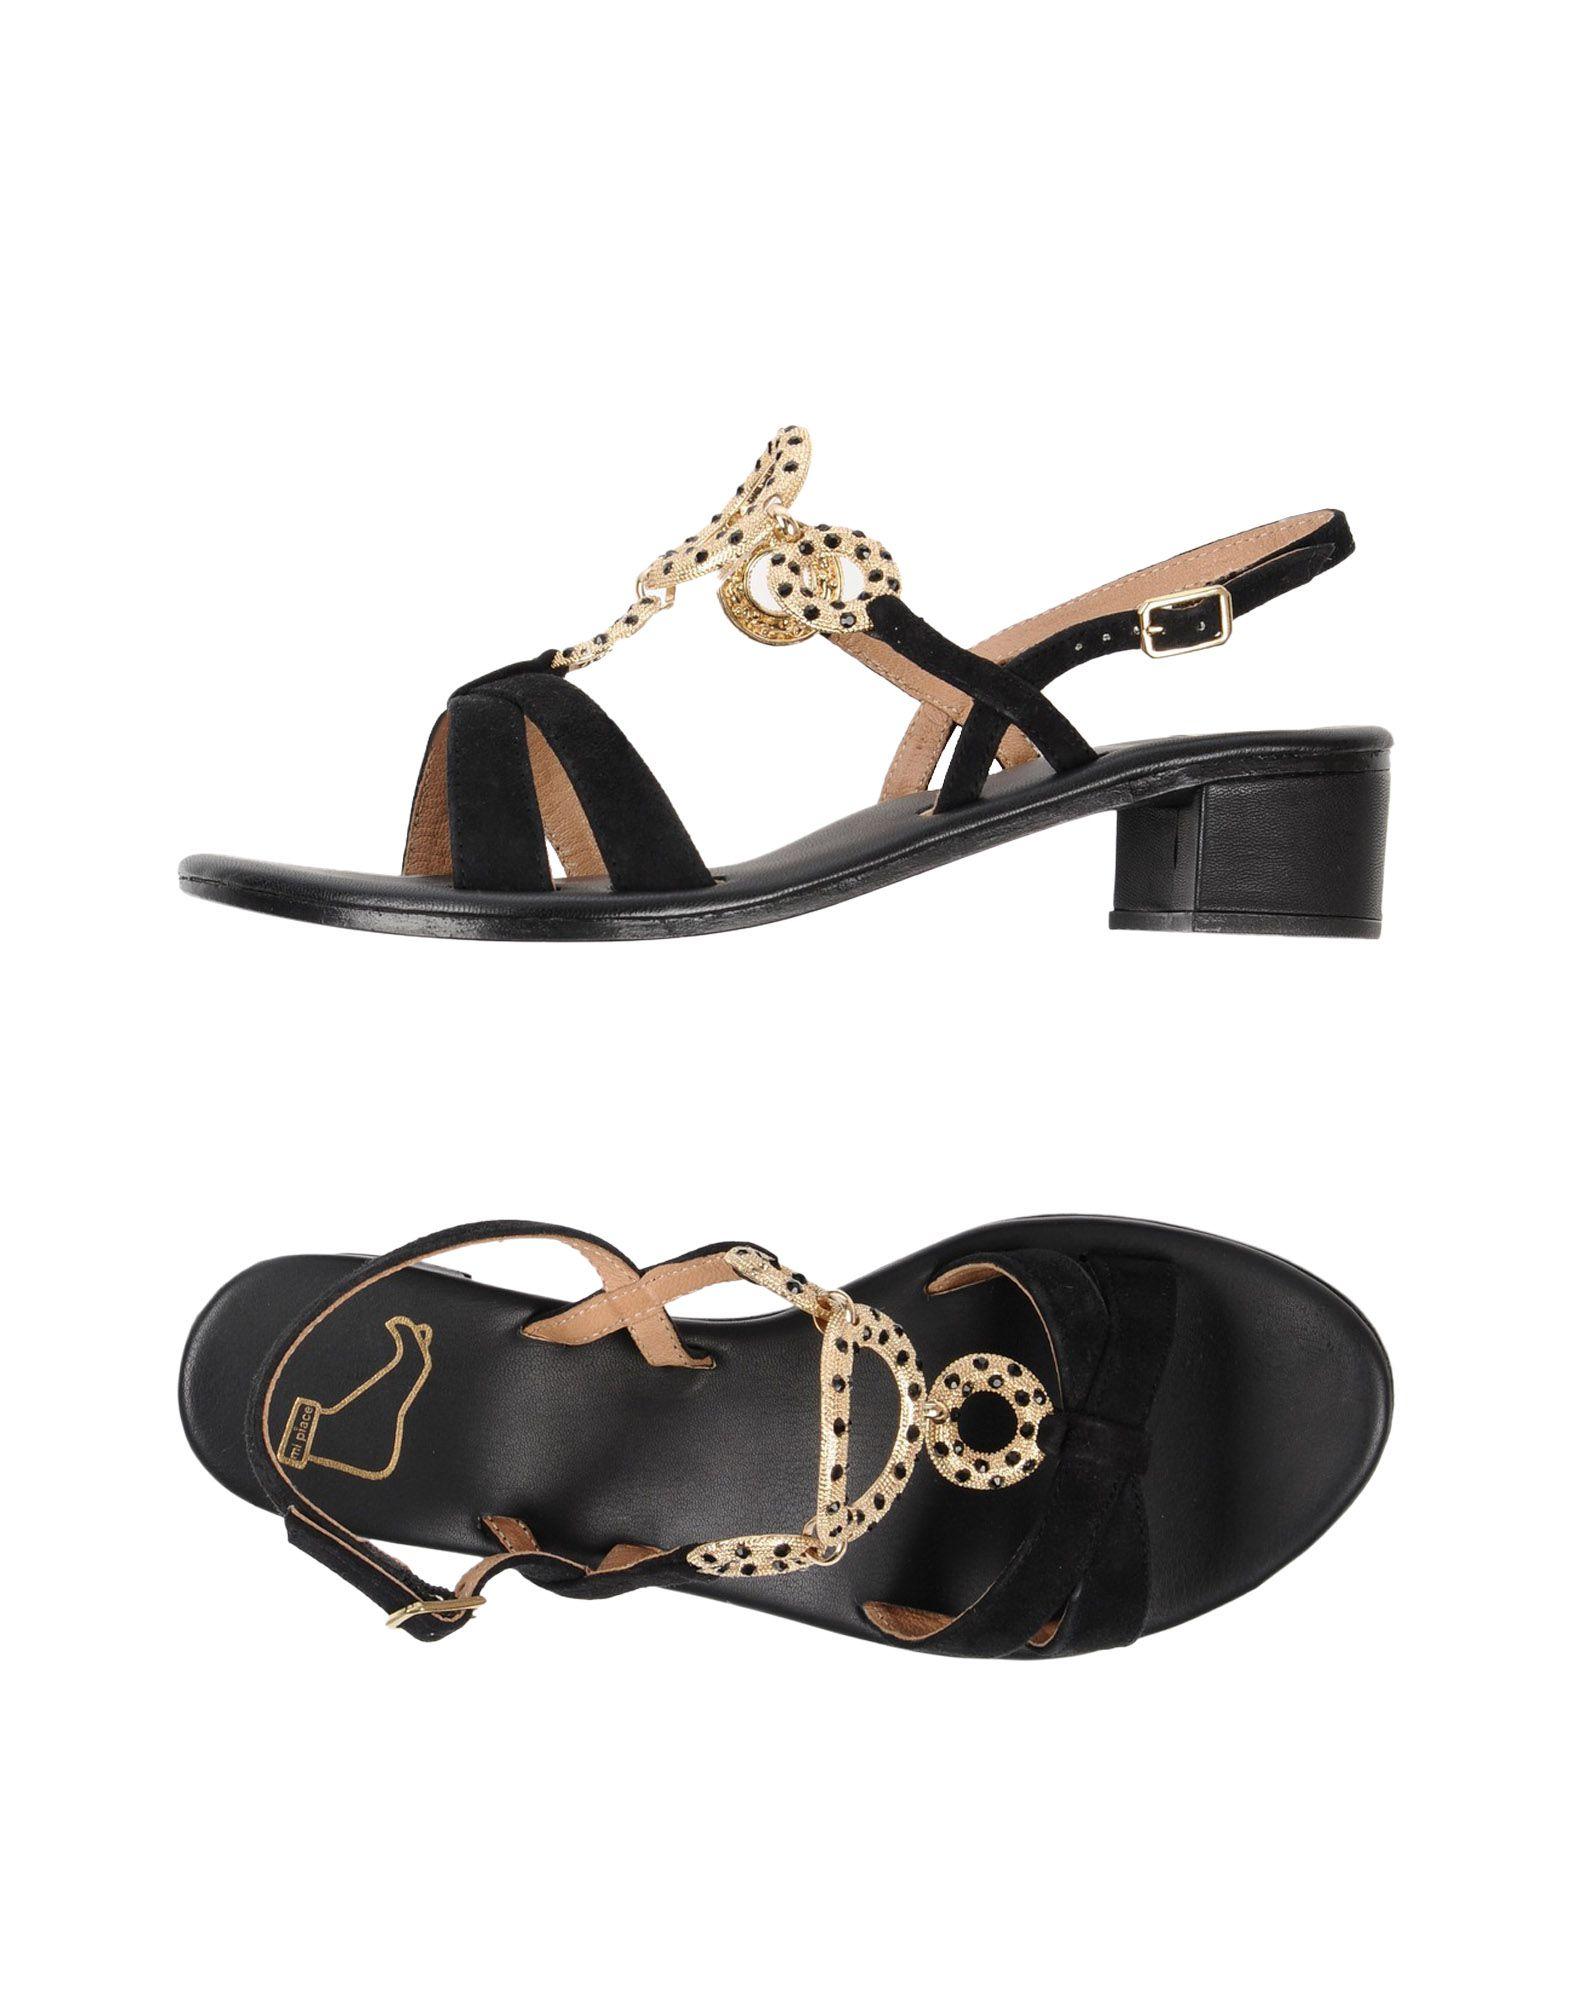 Sandales Mi Piace Femme - Sandales Mi Piace sur